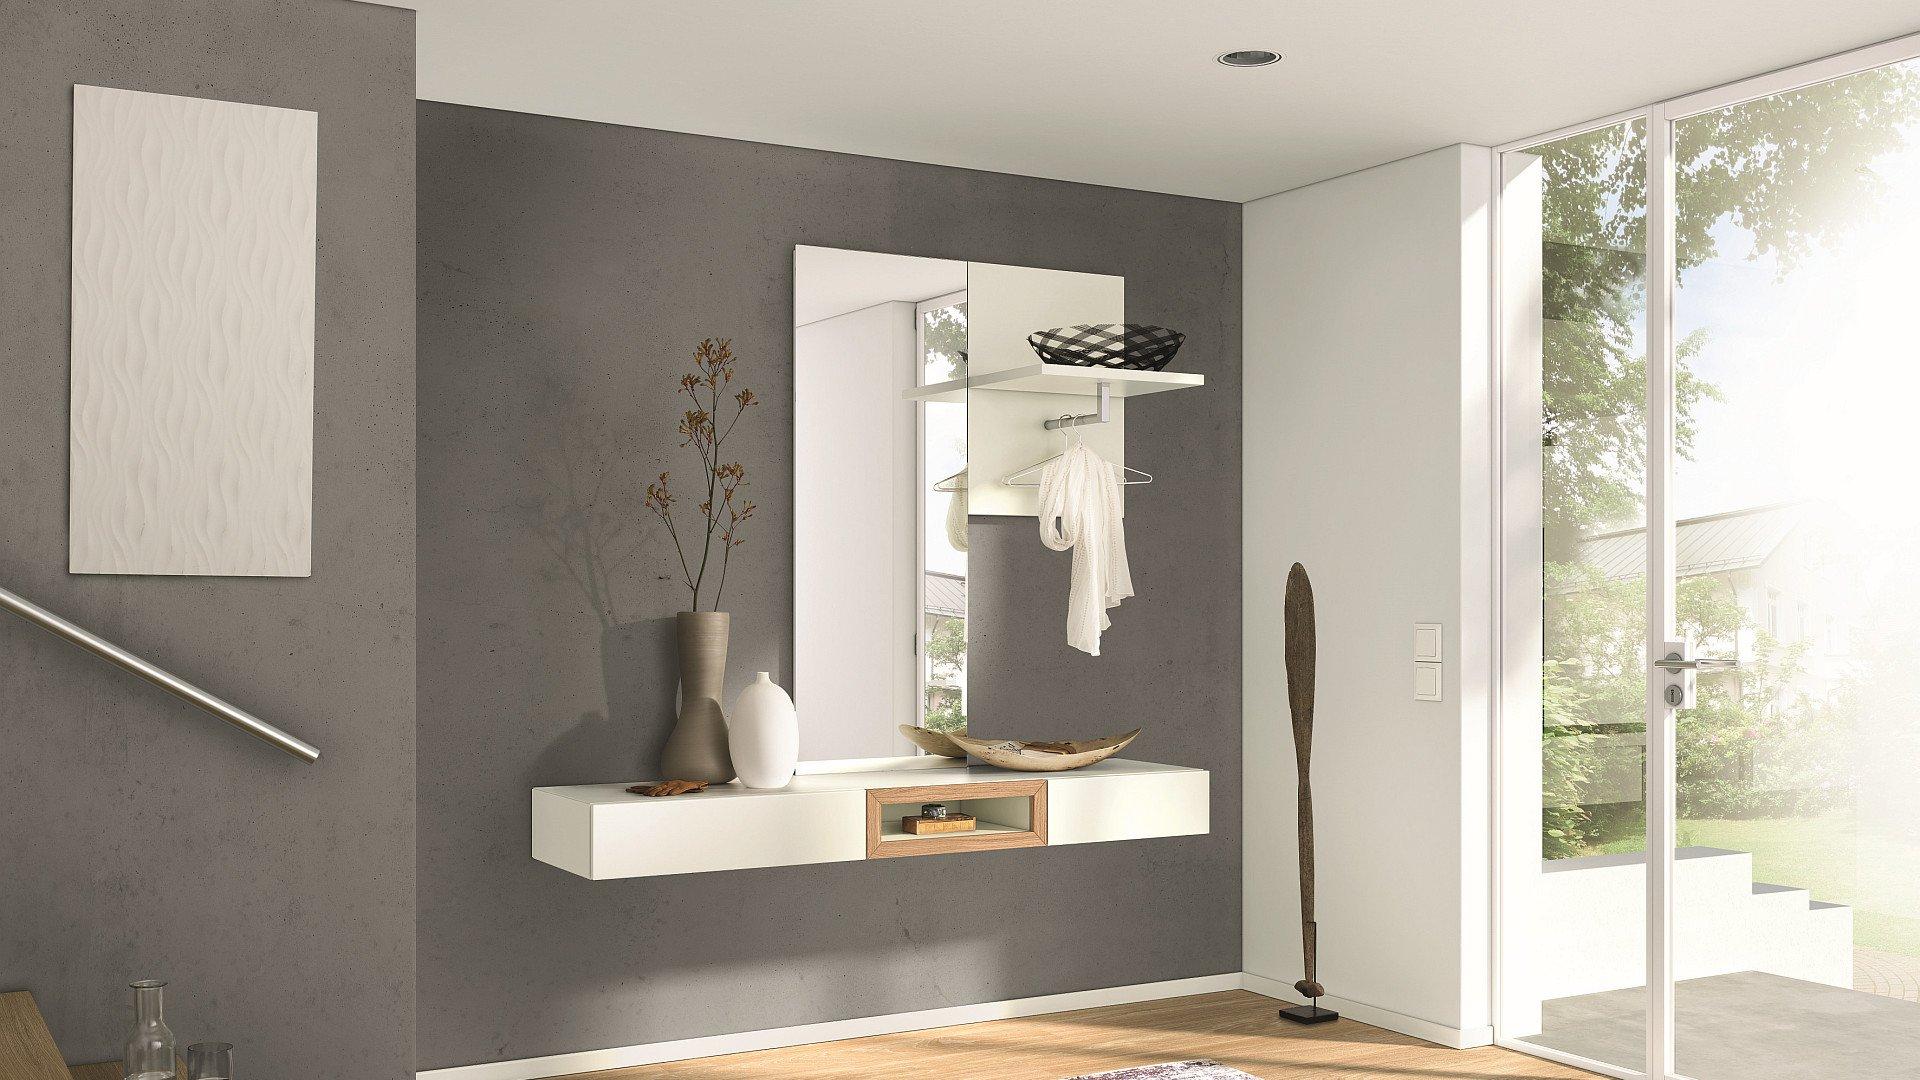 P eds n home style - Ingressi case moderne ...